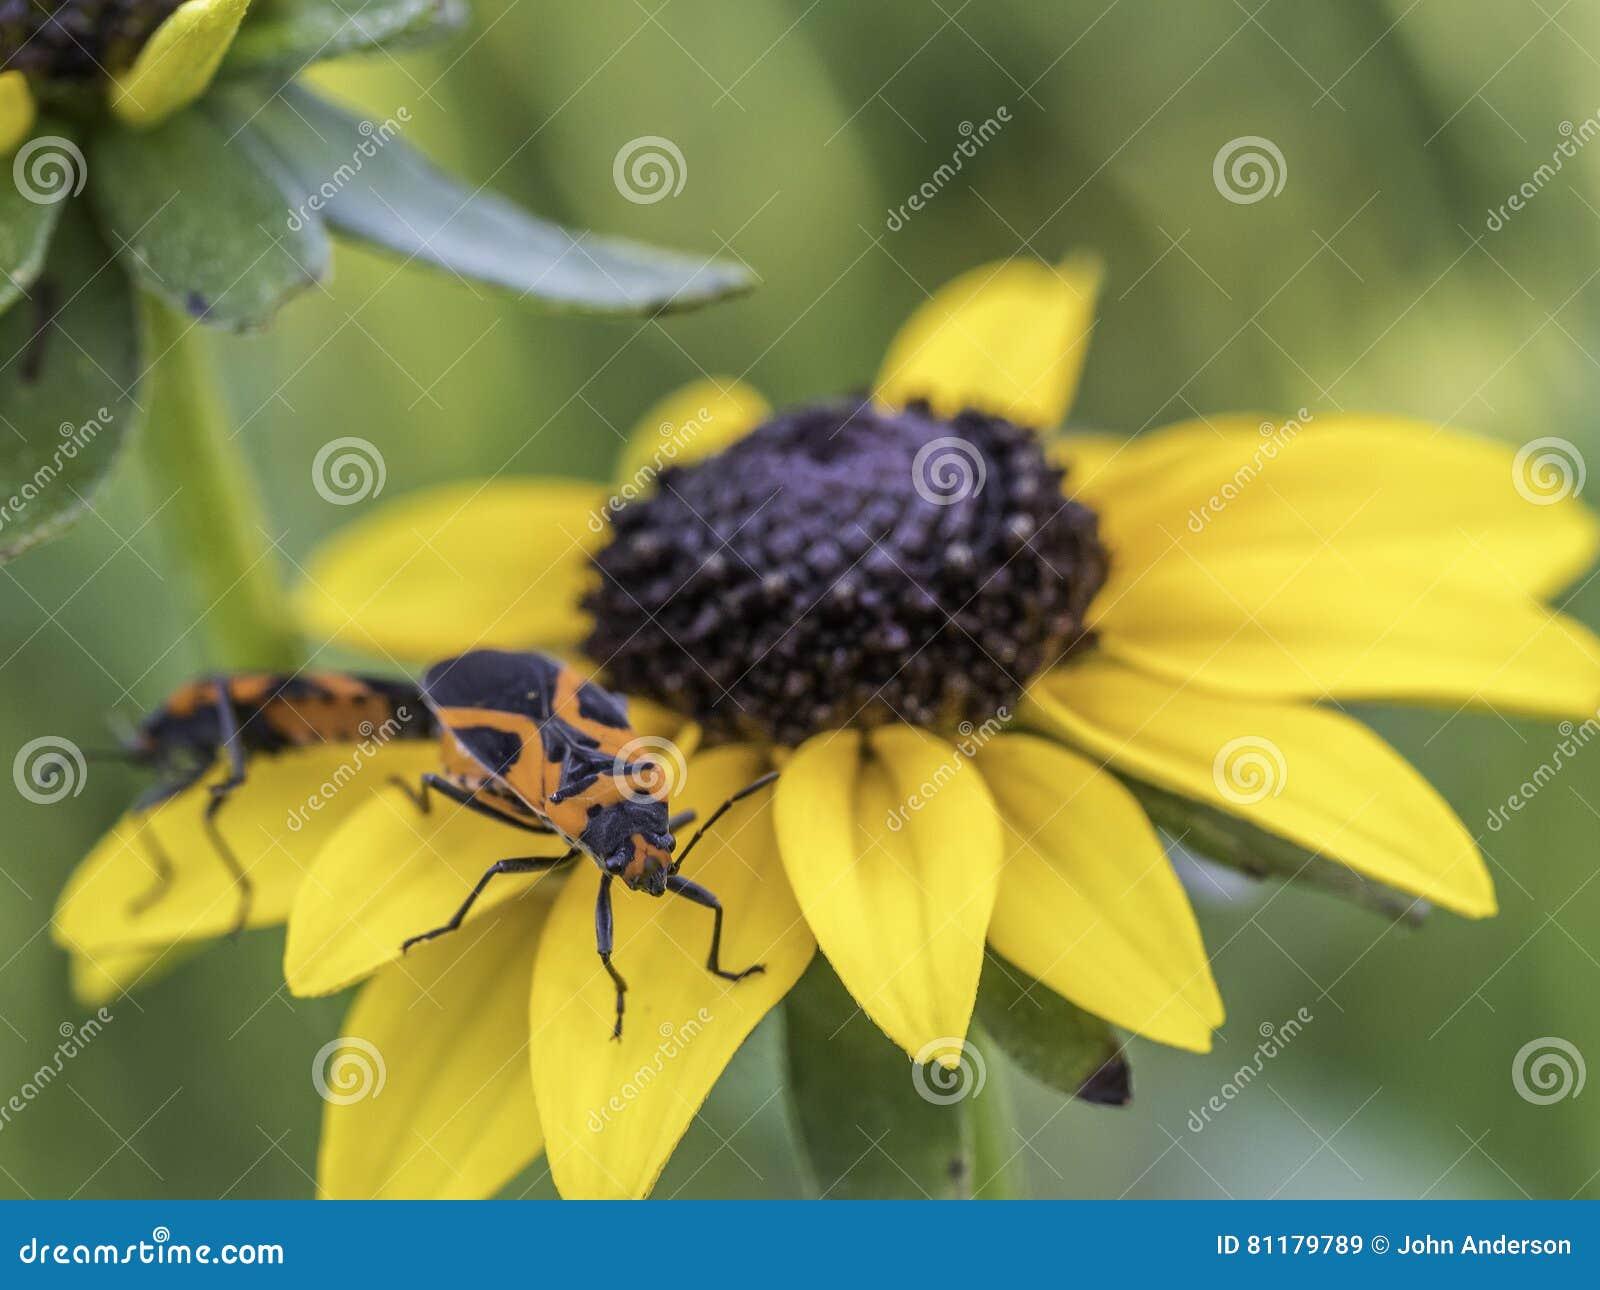 Milkweed bug on plant